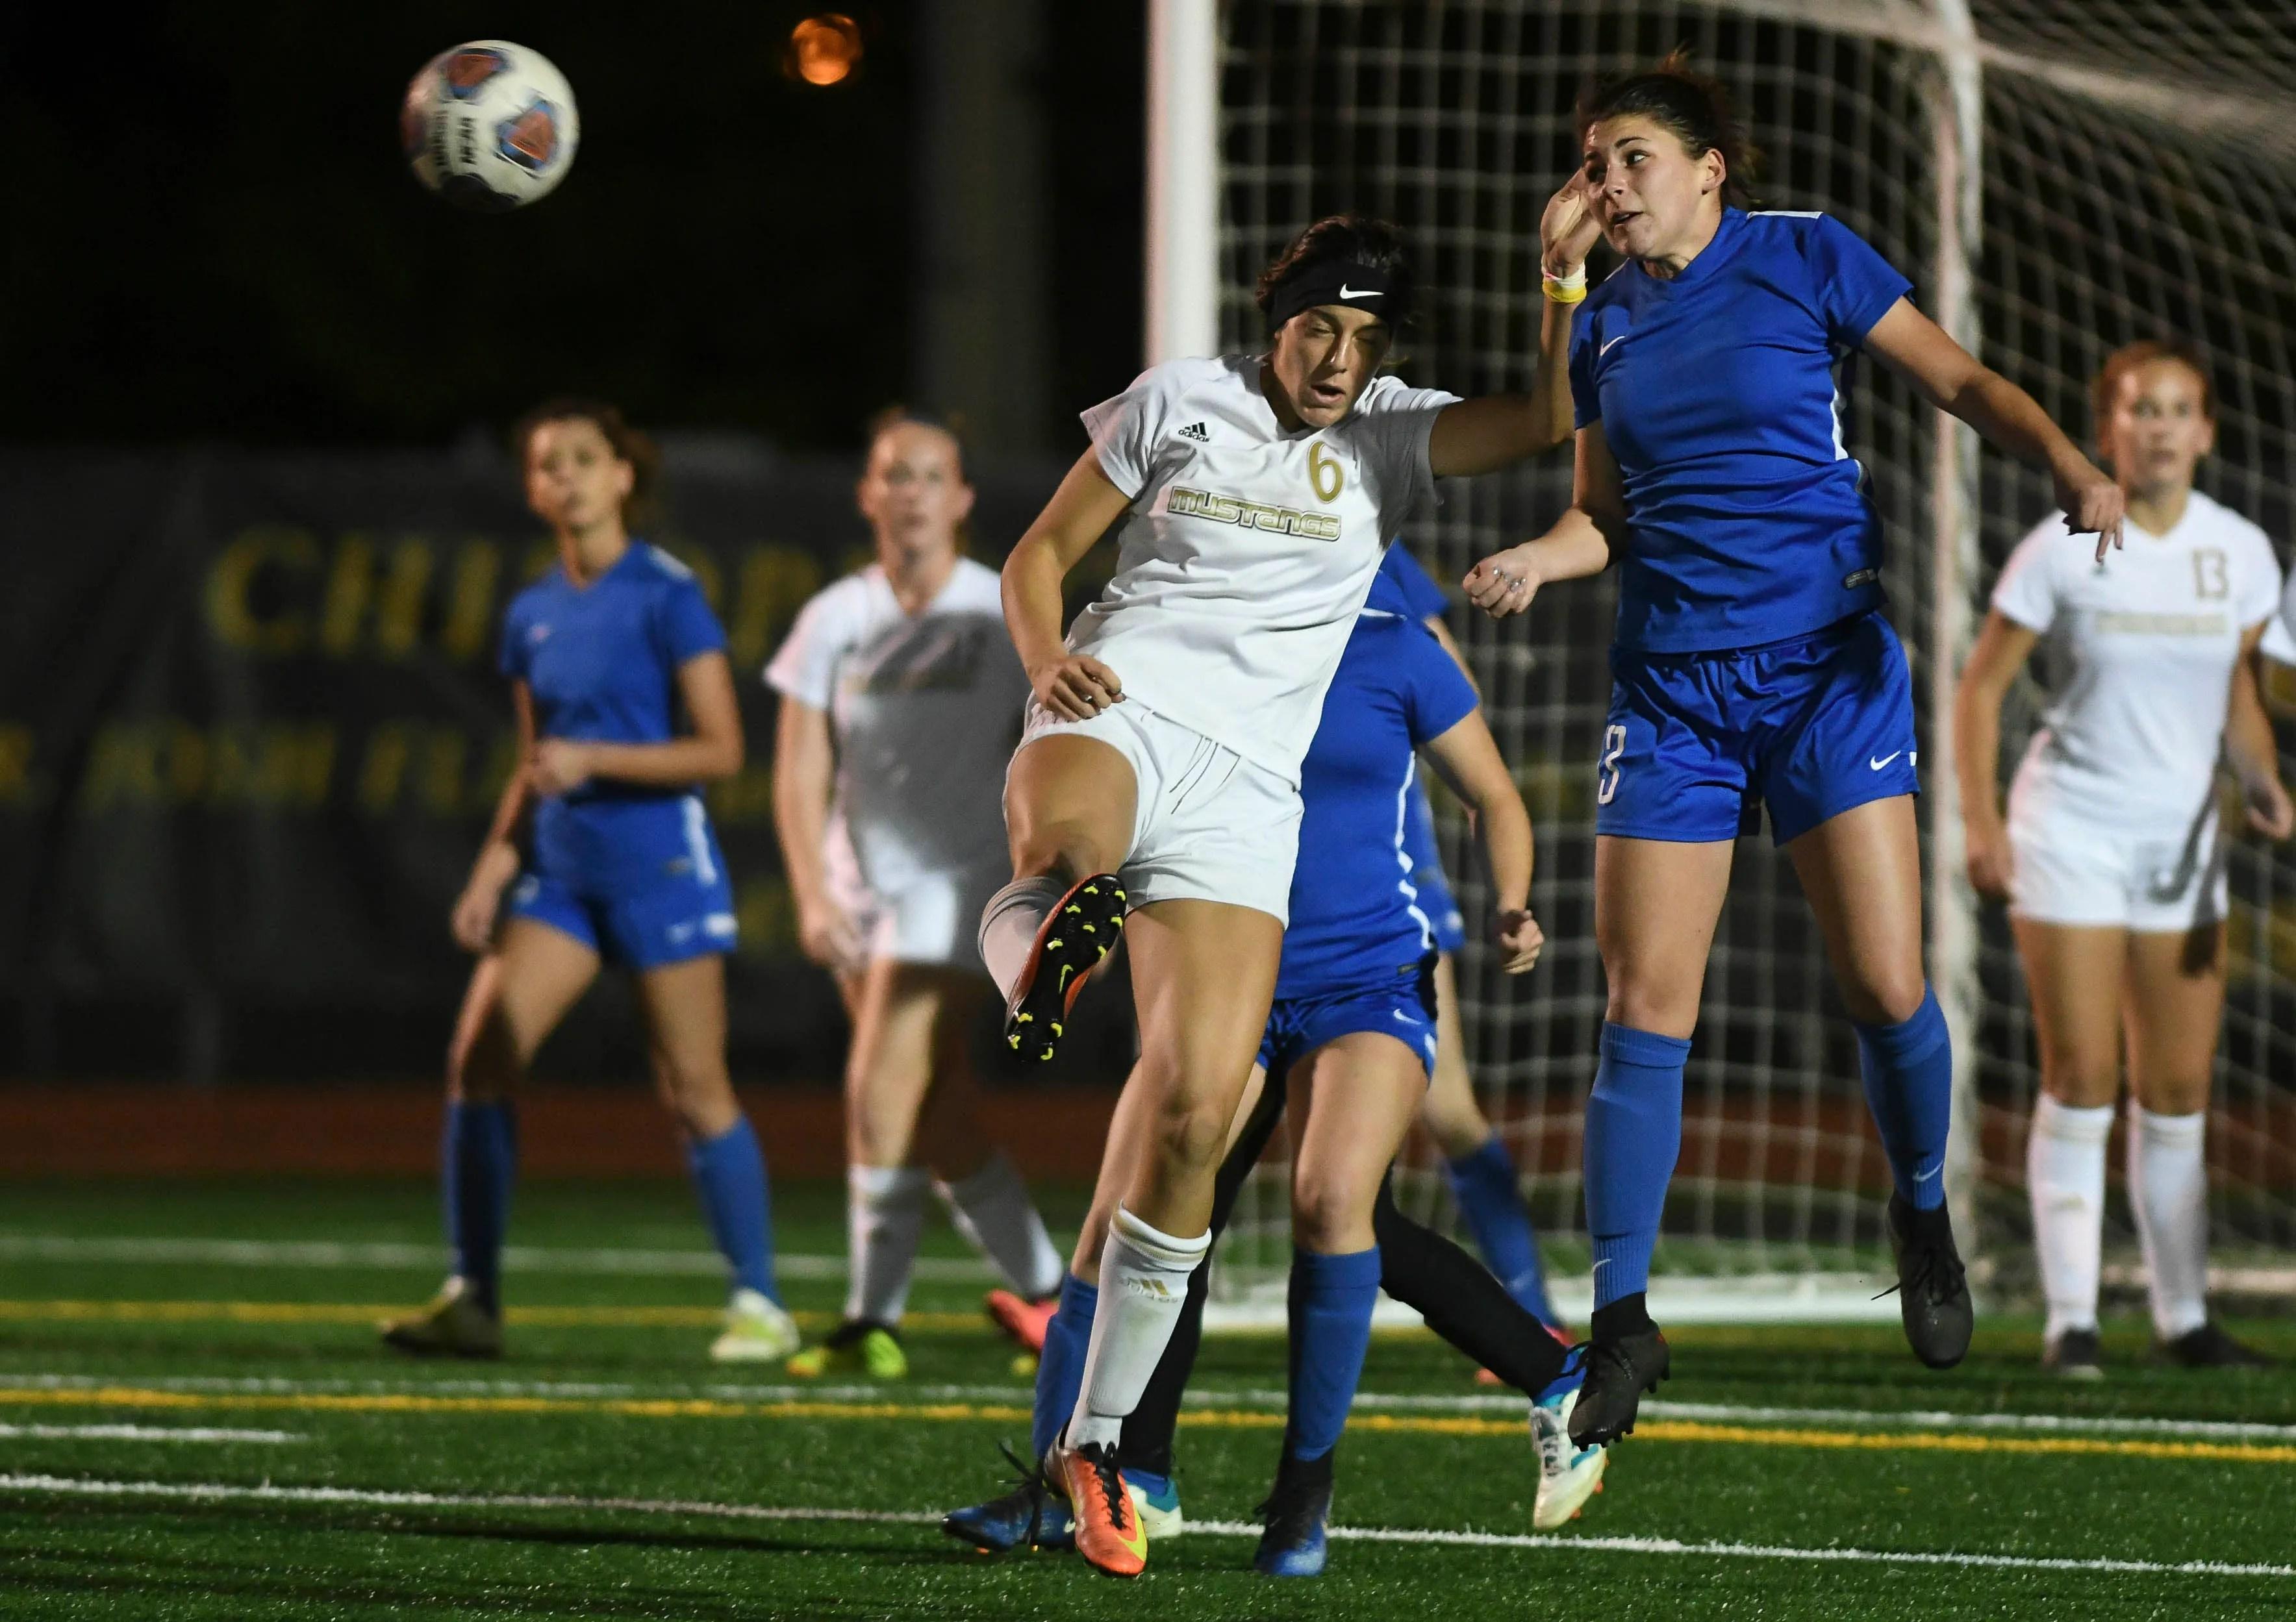 Merritt Island defeats Titusville in district soccer